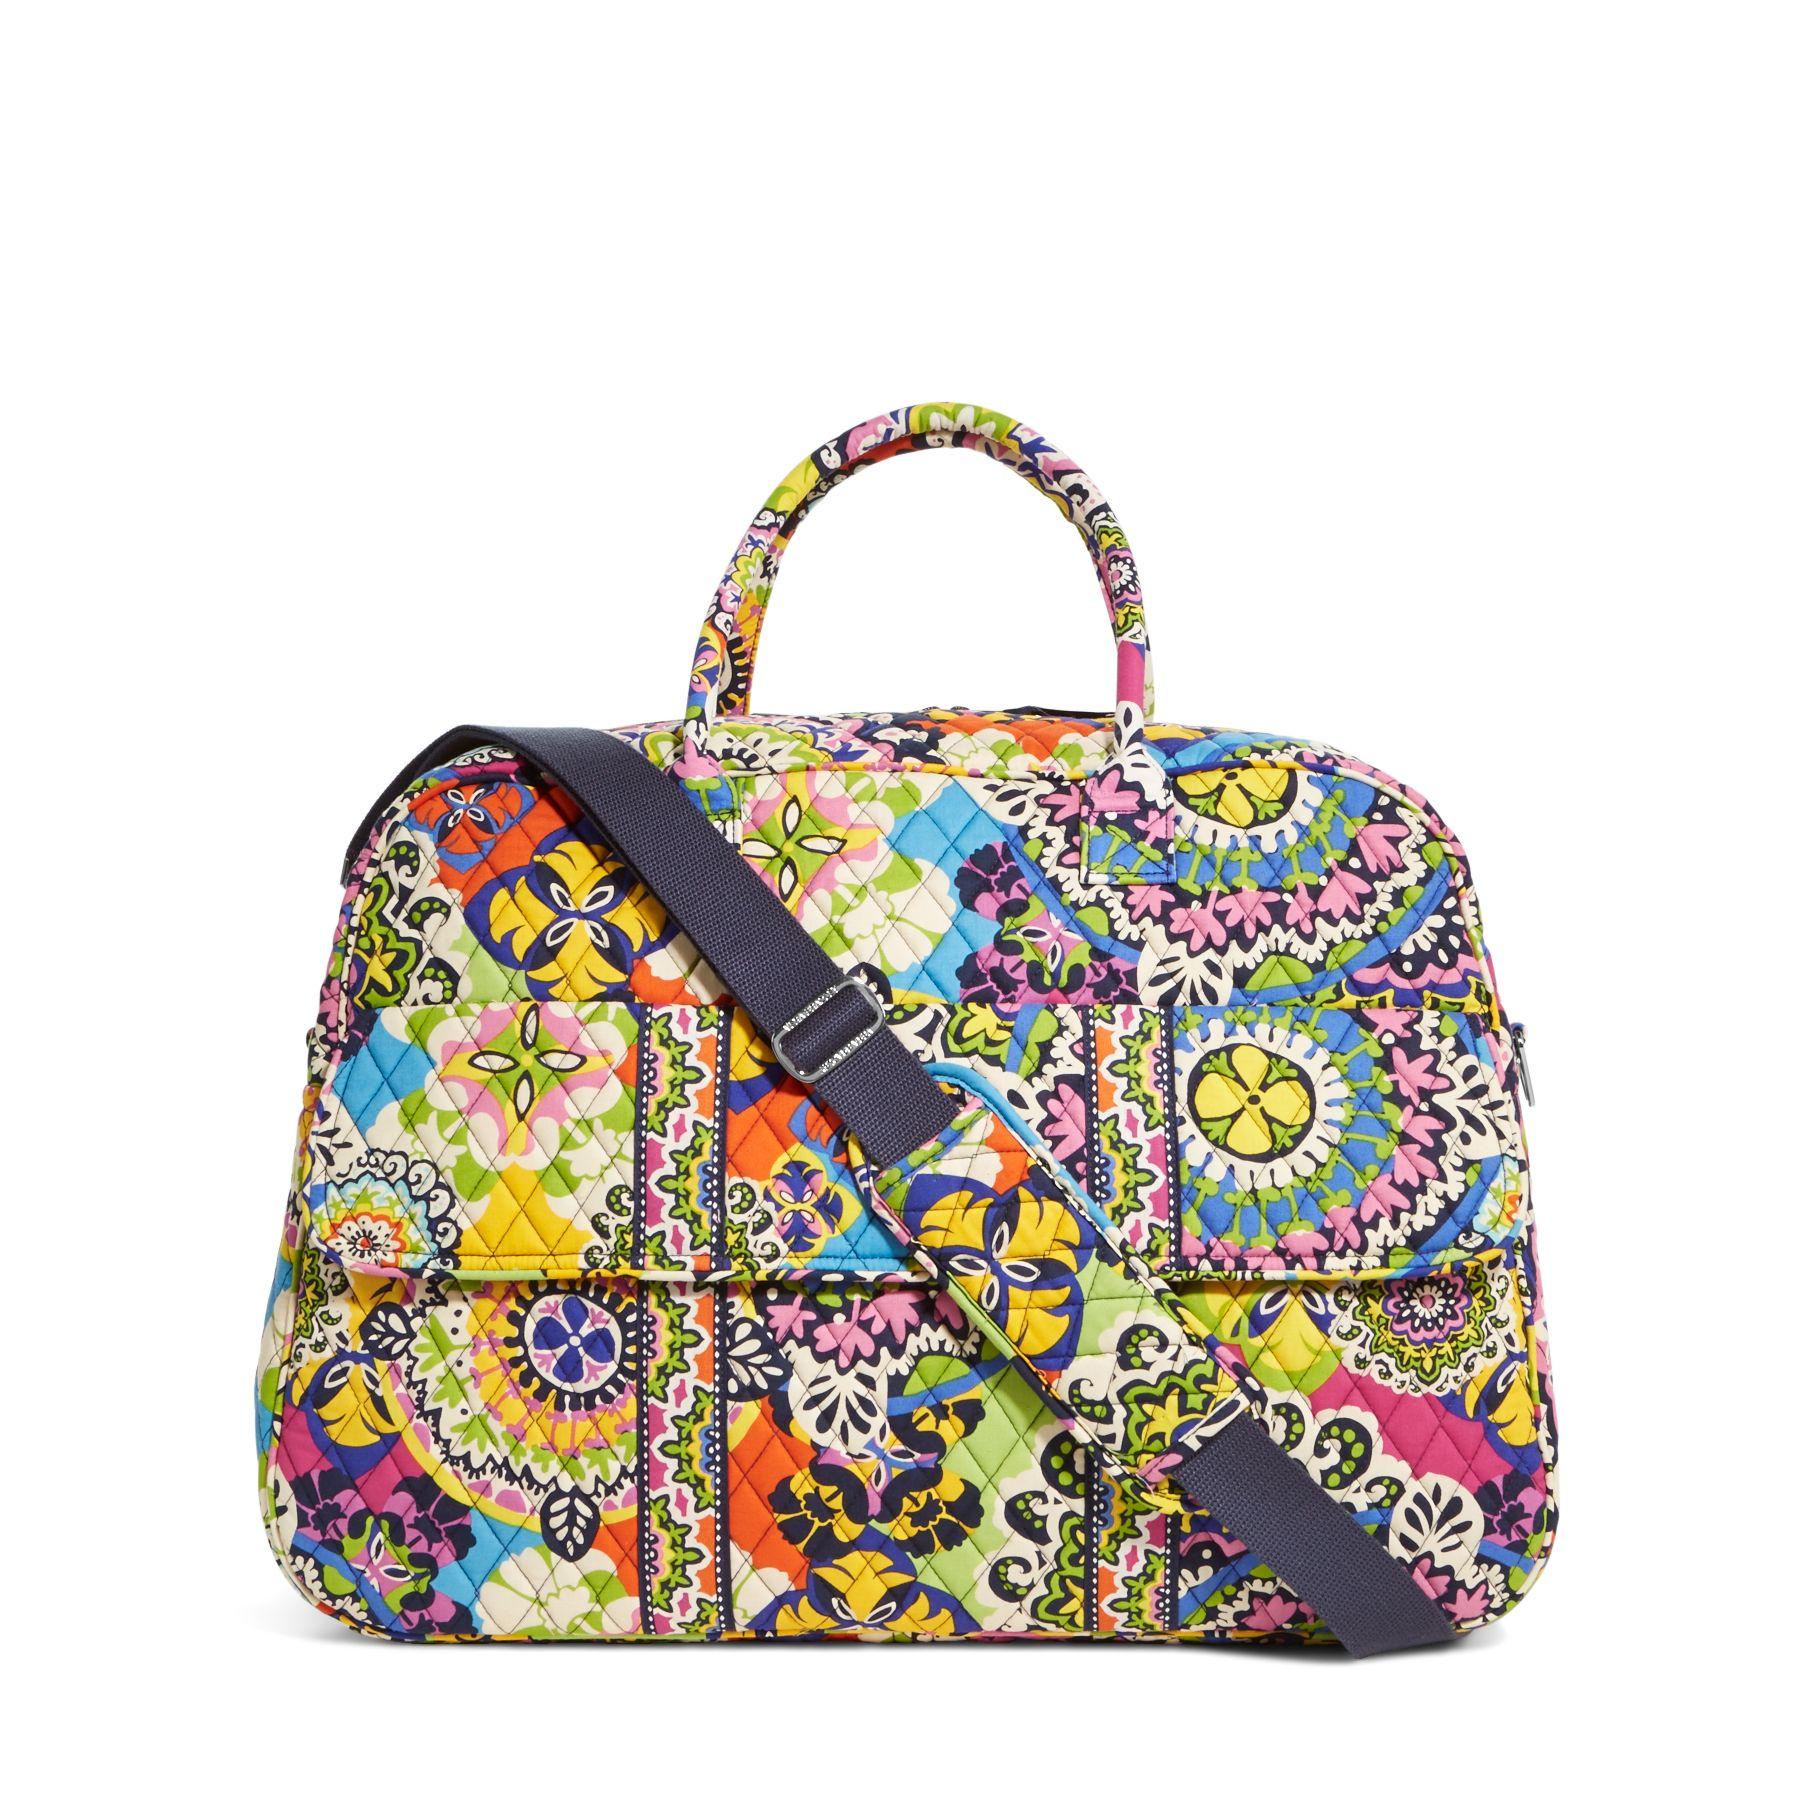 Vera Bradley Grand Traveler Bag in Rio